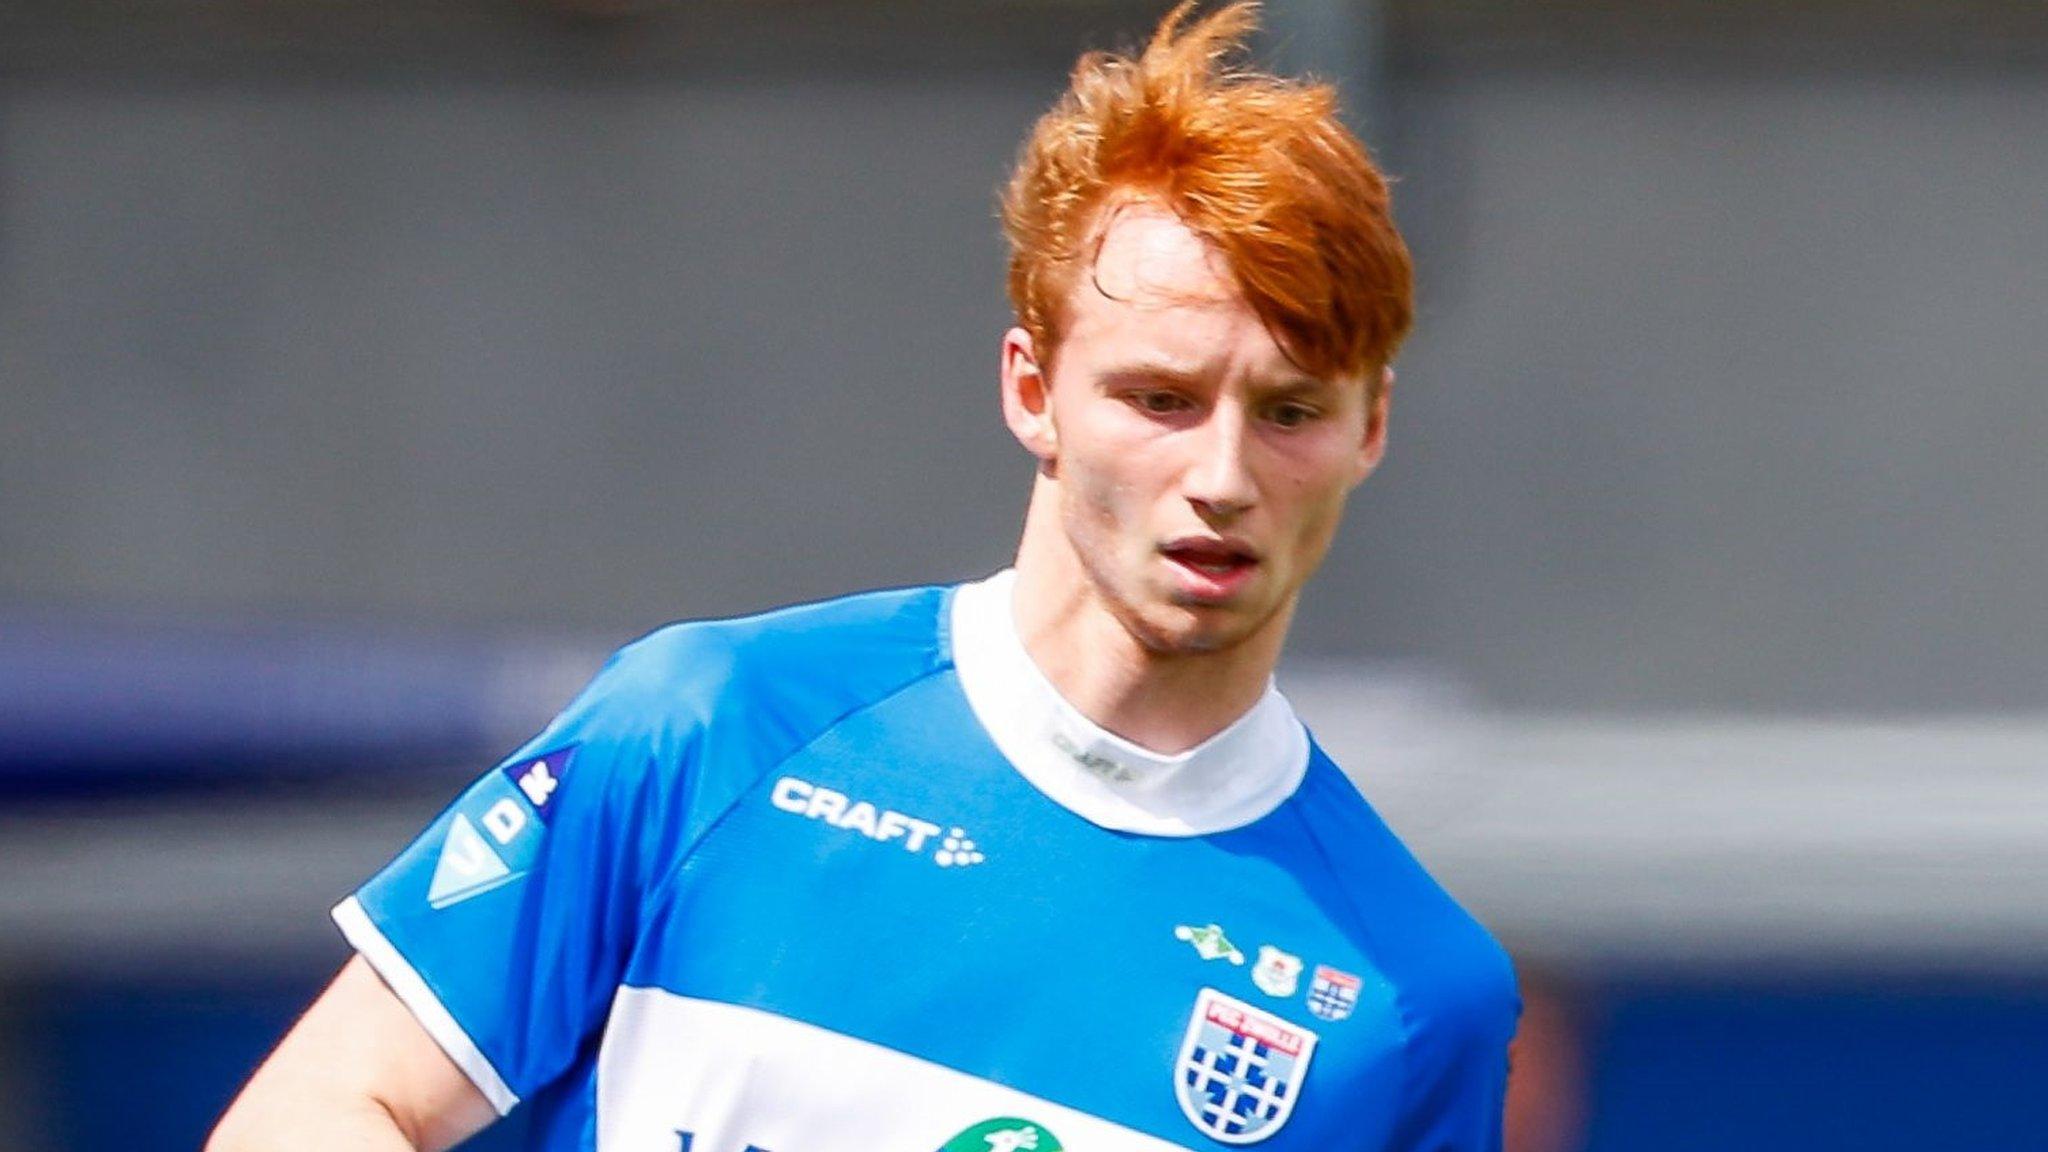 Liverpool keen on signing Sepp van den Berg from PEC Zwolle